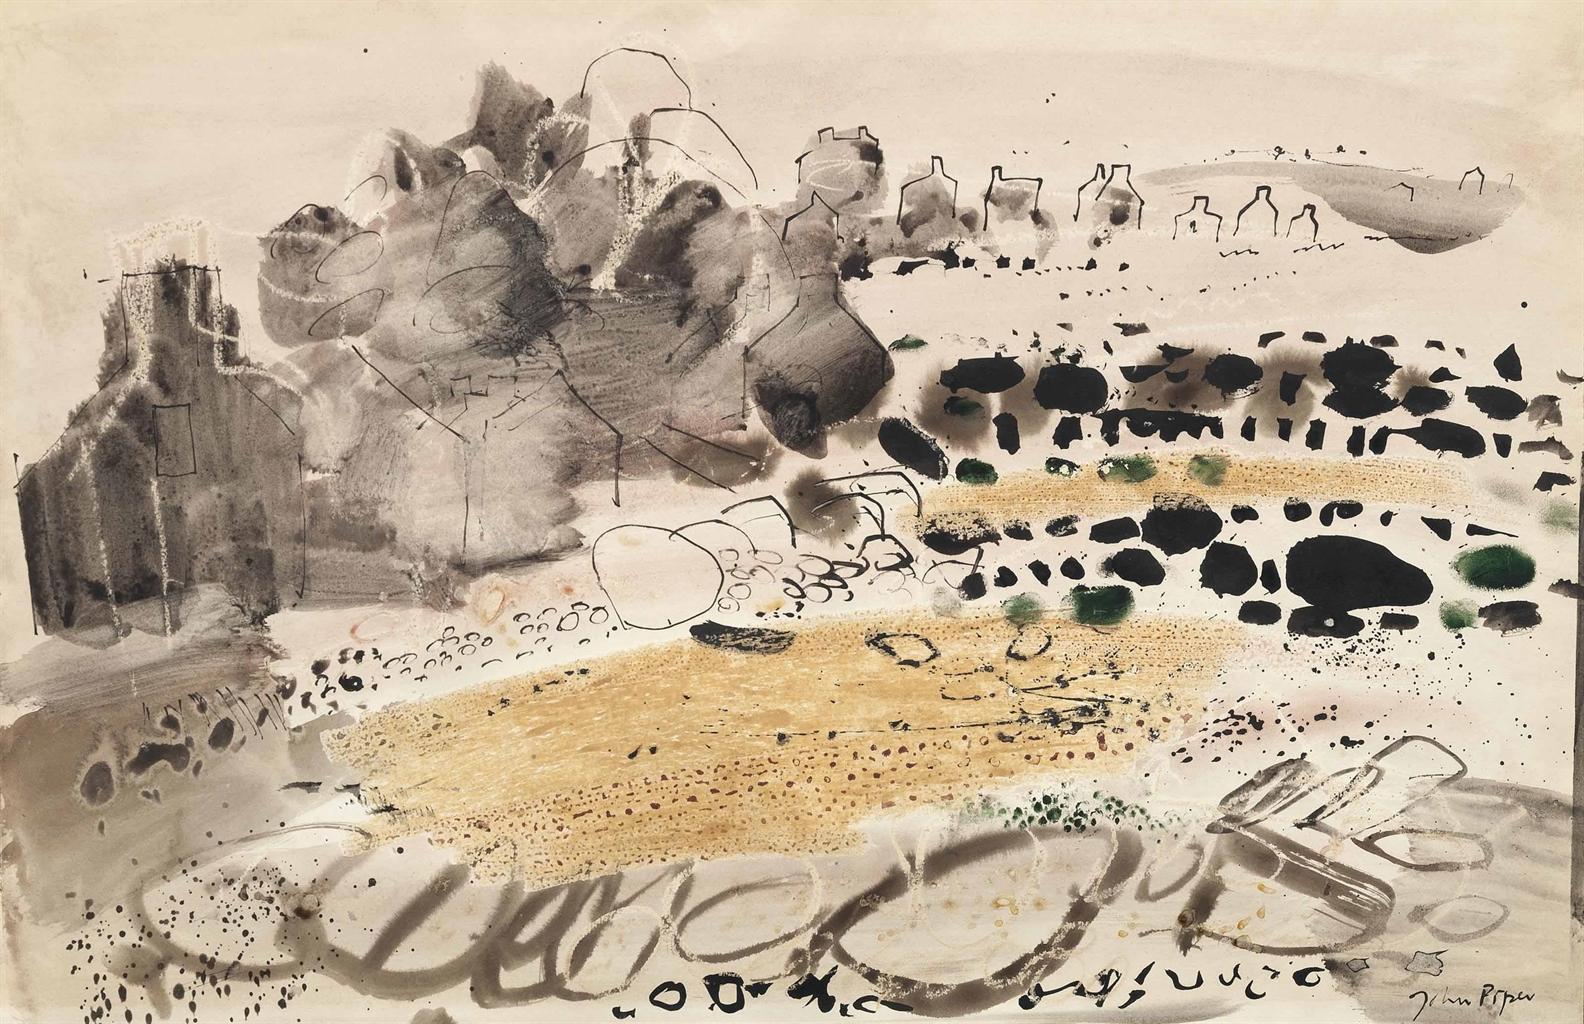 John Piper-Lilia-1965